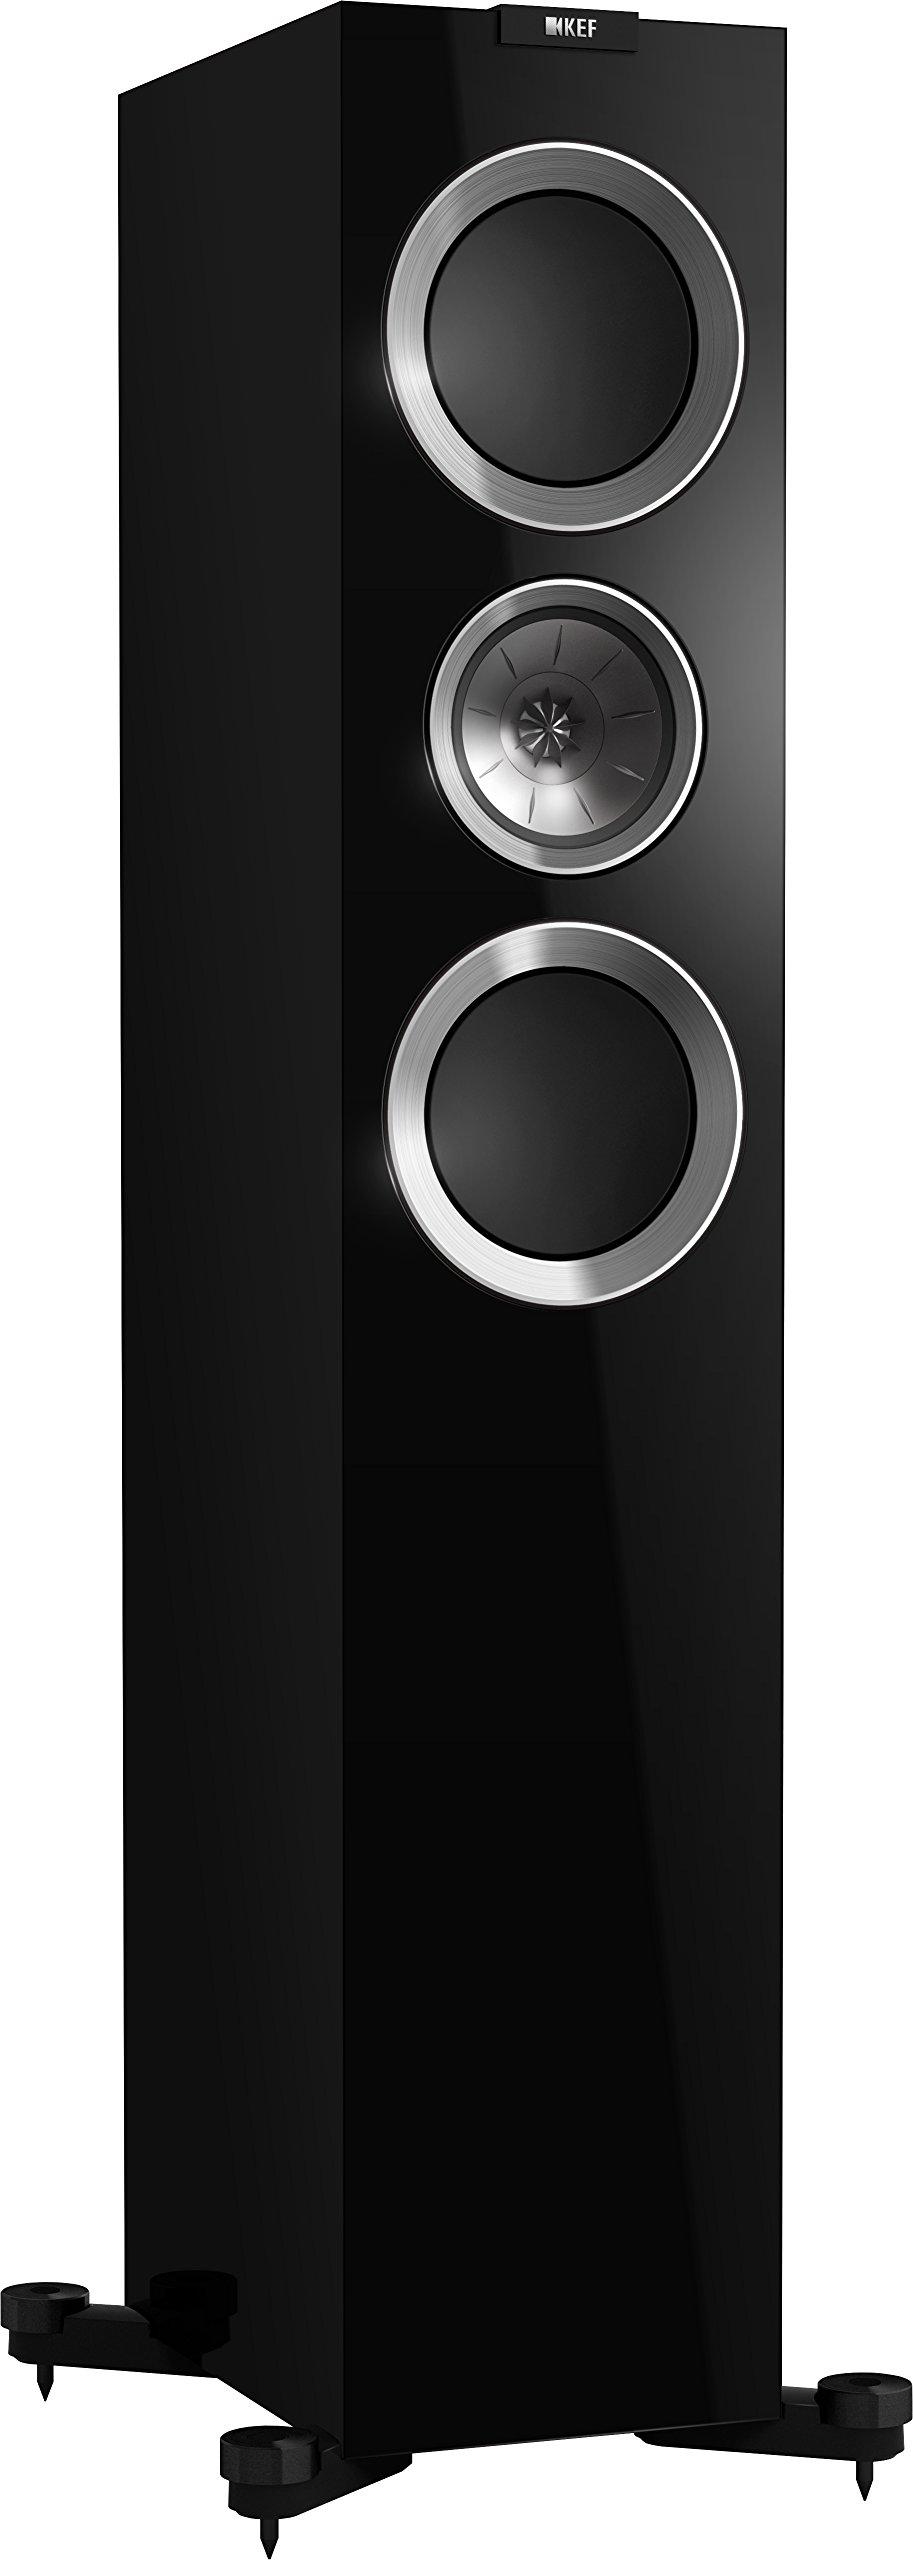 KEF R700 Floorstanding Loudspeaker - High Gloss Piano Black (Pair)